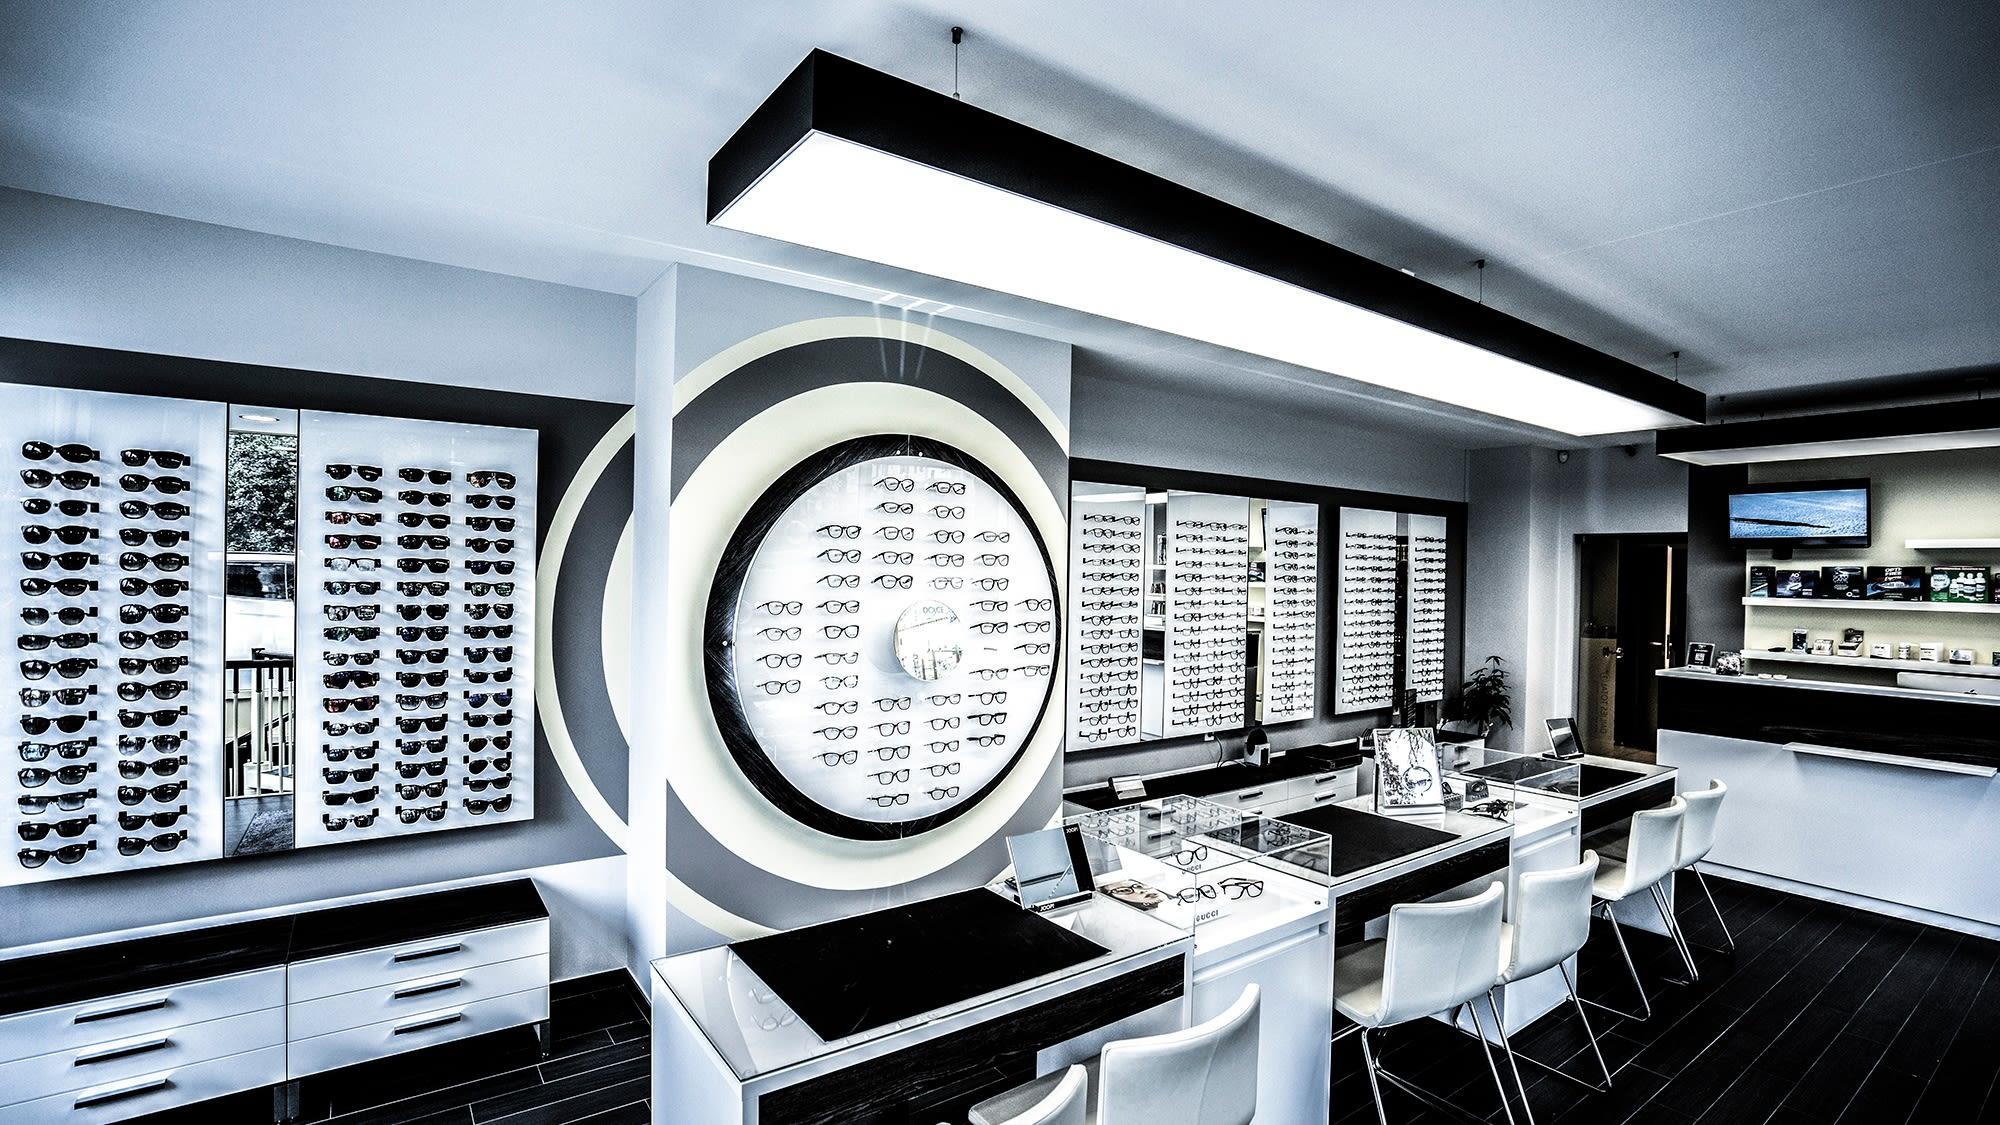 Individuell gefertigte Lichtdeckensegel für schattenfreie Beleuchtung im Ladenlokal von Optique NewLook in Luxemburg.